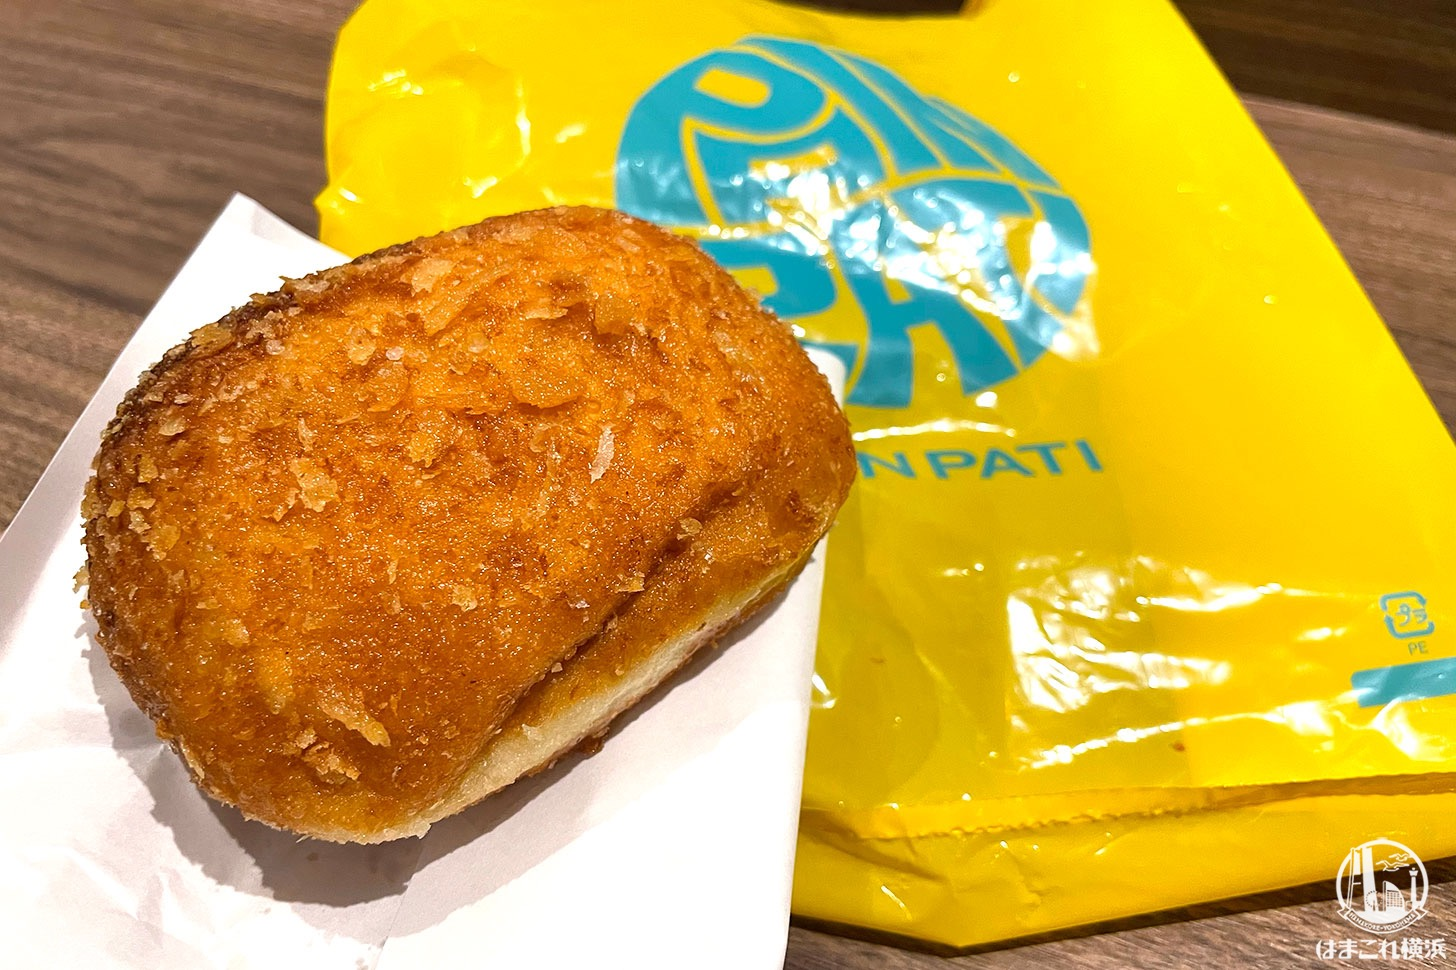 購入したステーキカレーパン